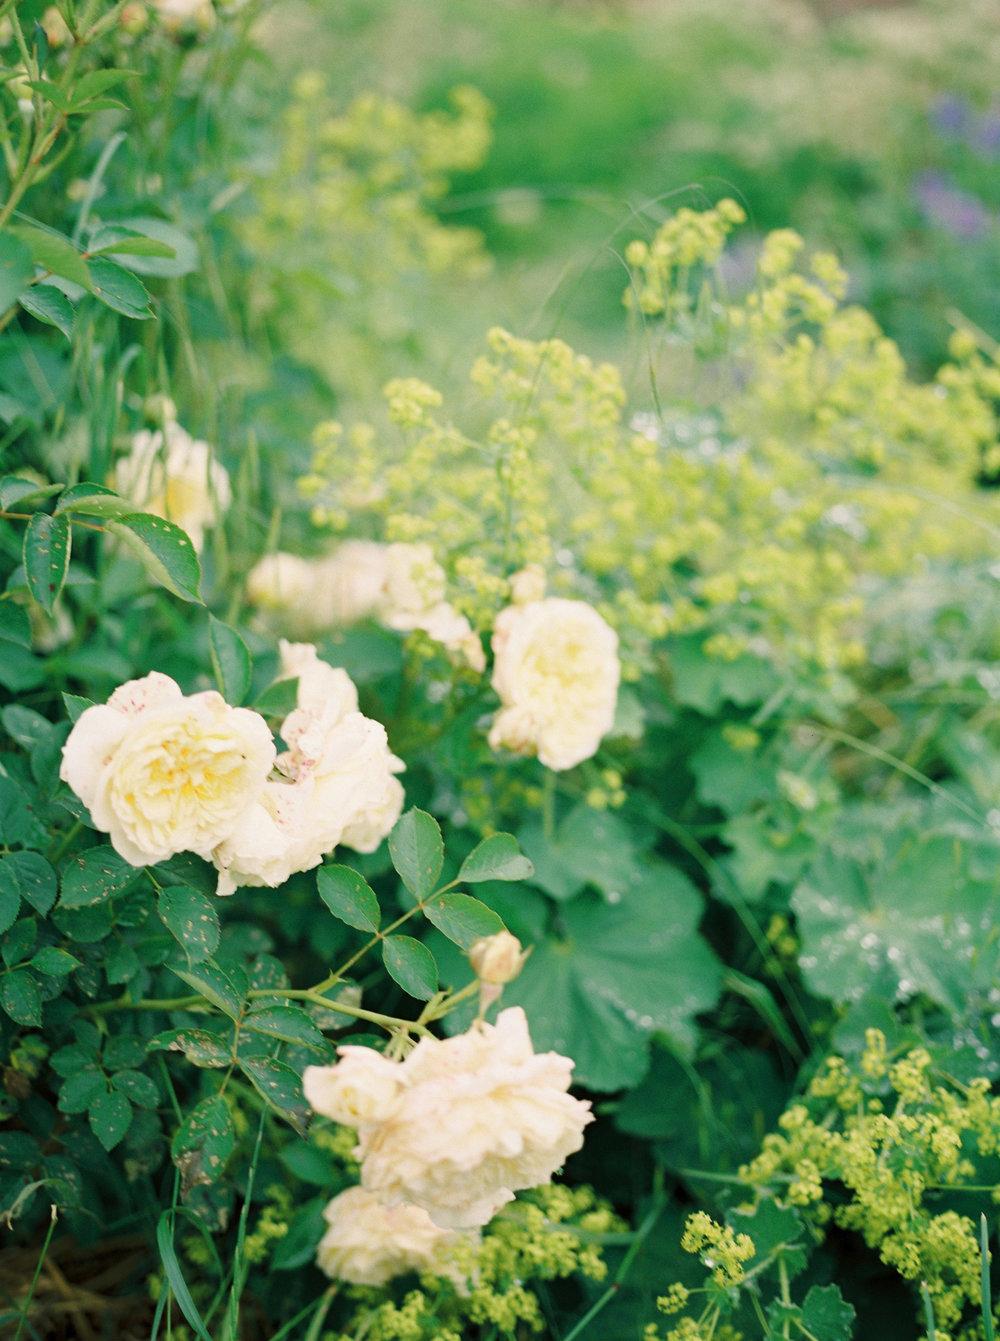 imogenxianathegardengateflowercompany-230.jpg